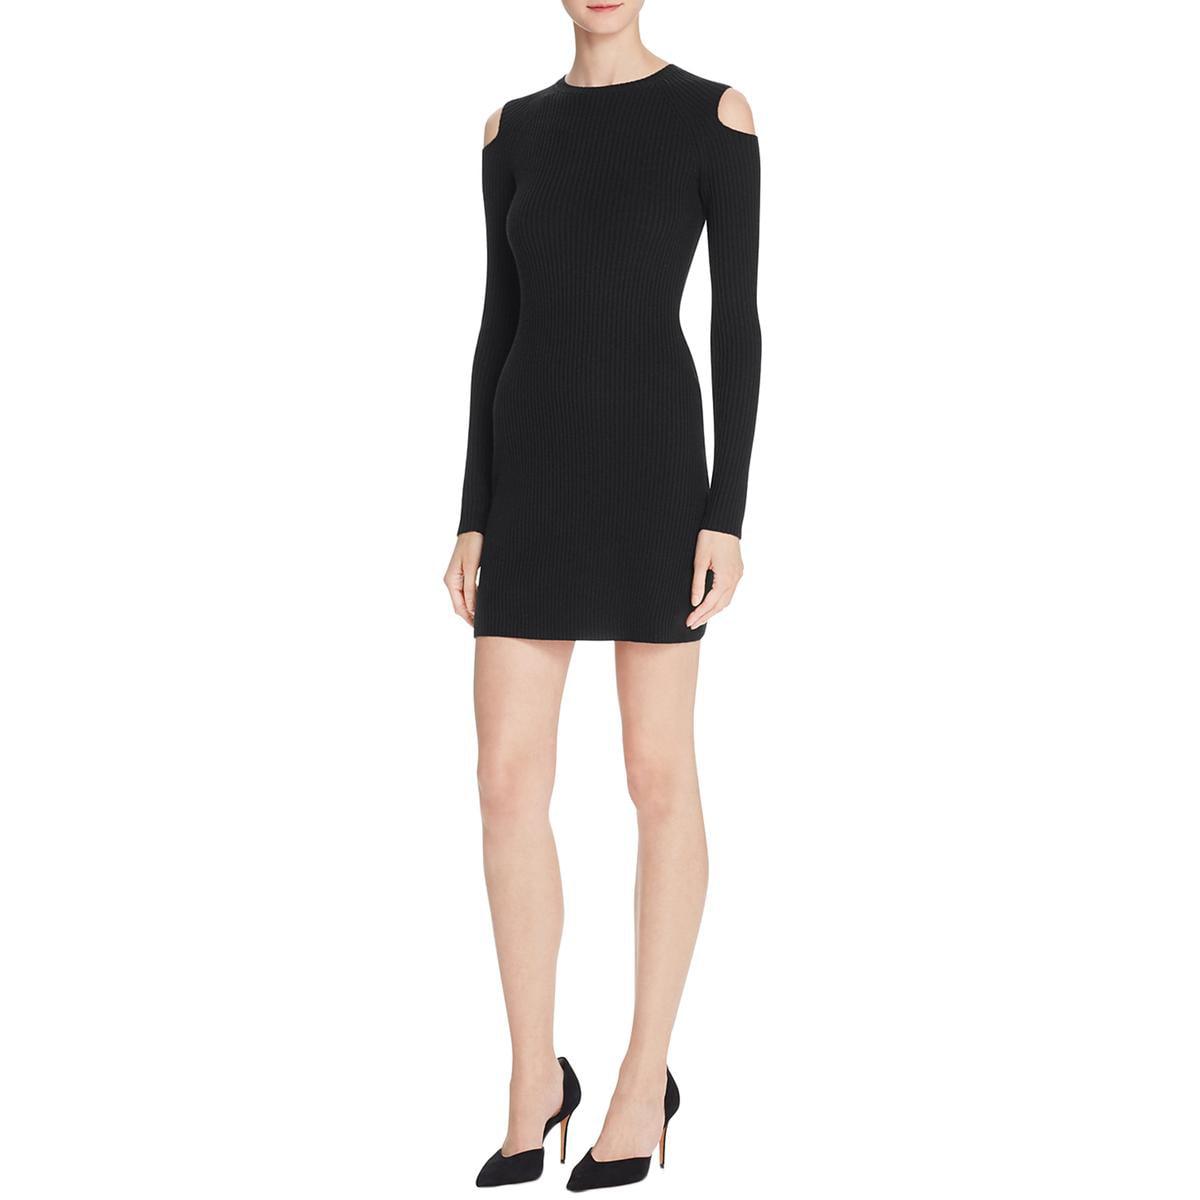 Theory Womens Jemlora Wool Ribbed Knit Sweaterdress by theory